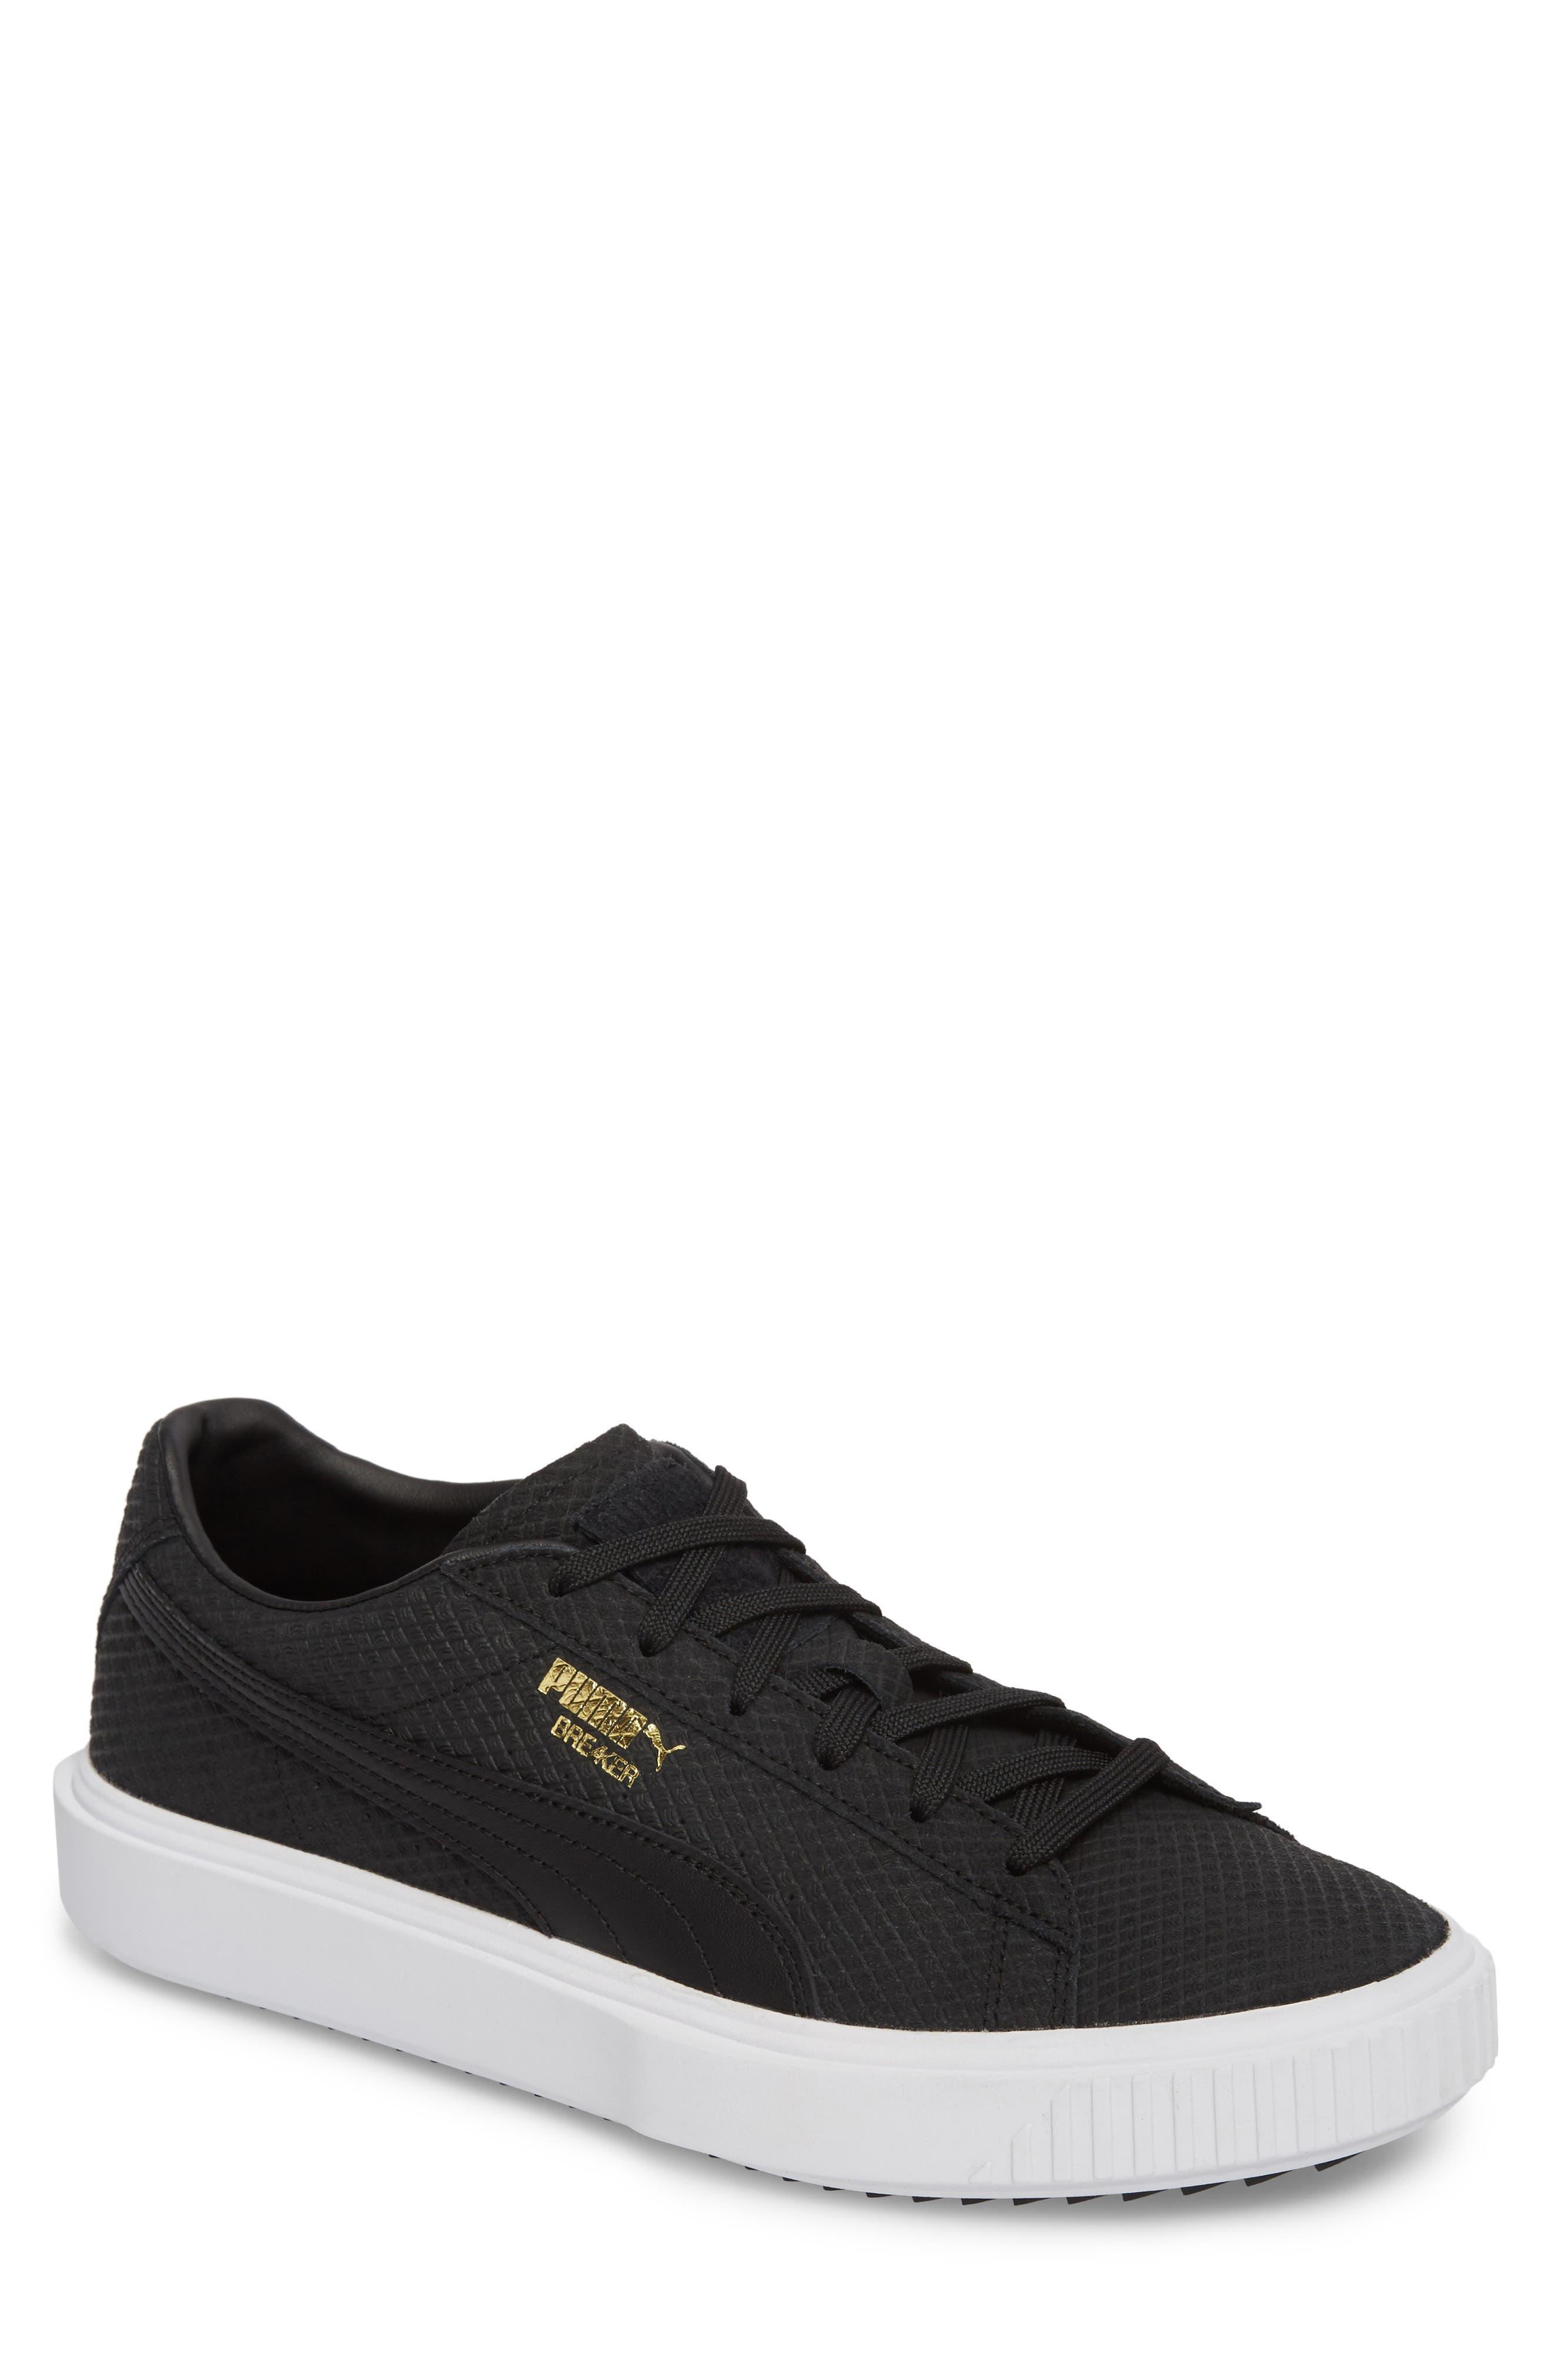 PUMA Breaker Sneaker (Men